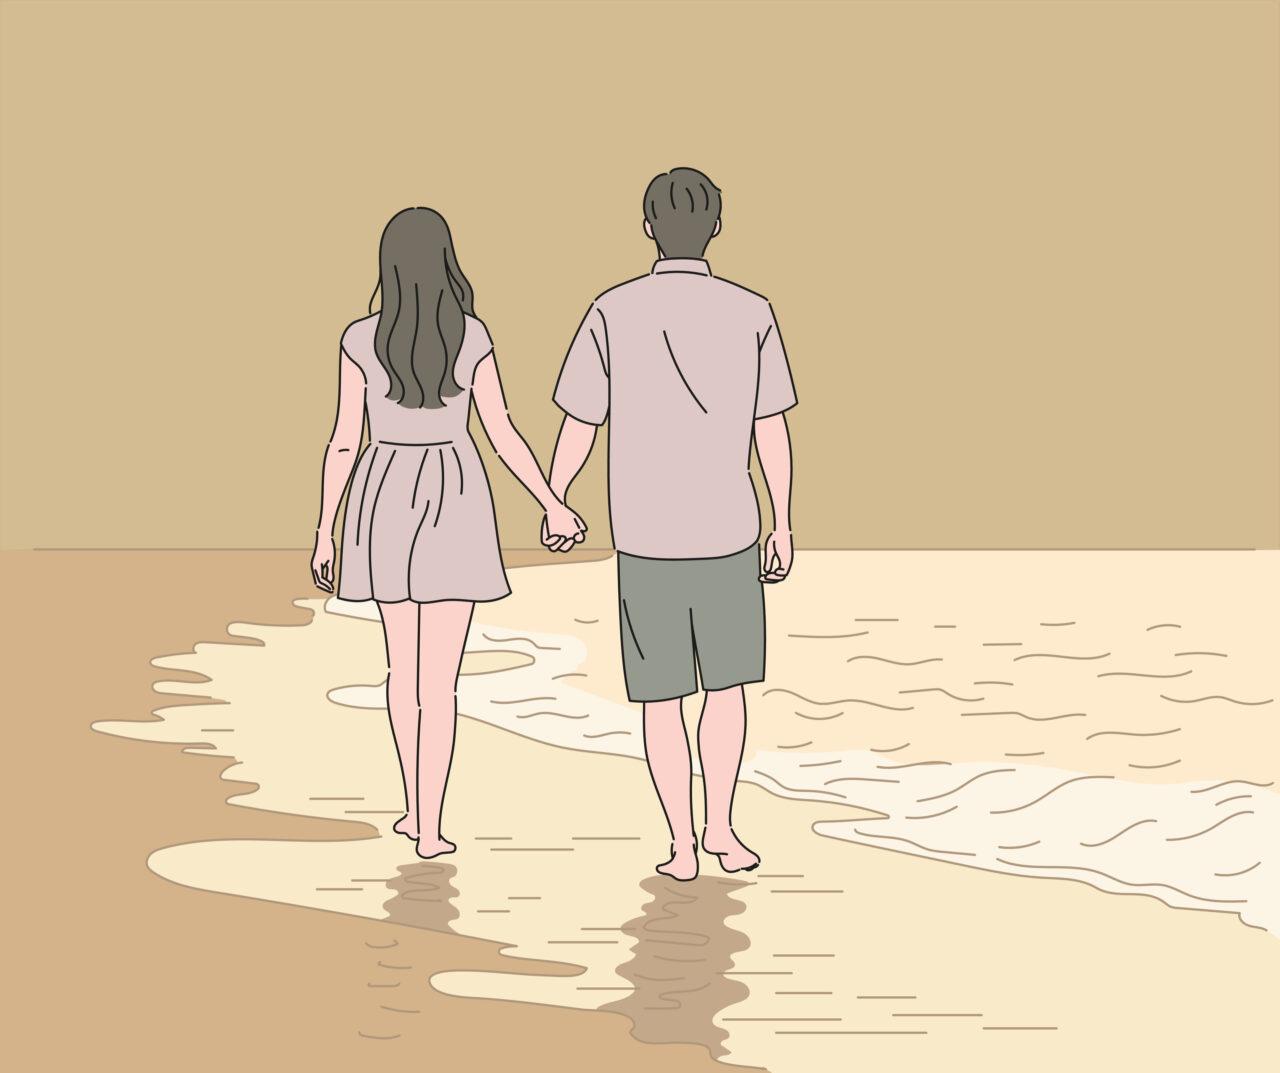 恋愛観の男女の違いにびっくり!付き合う前〜別れ、結婚までの考え方を参考にしてみて